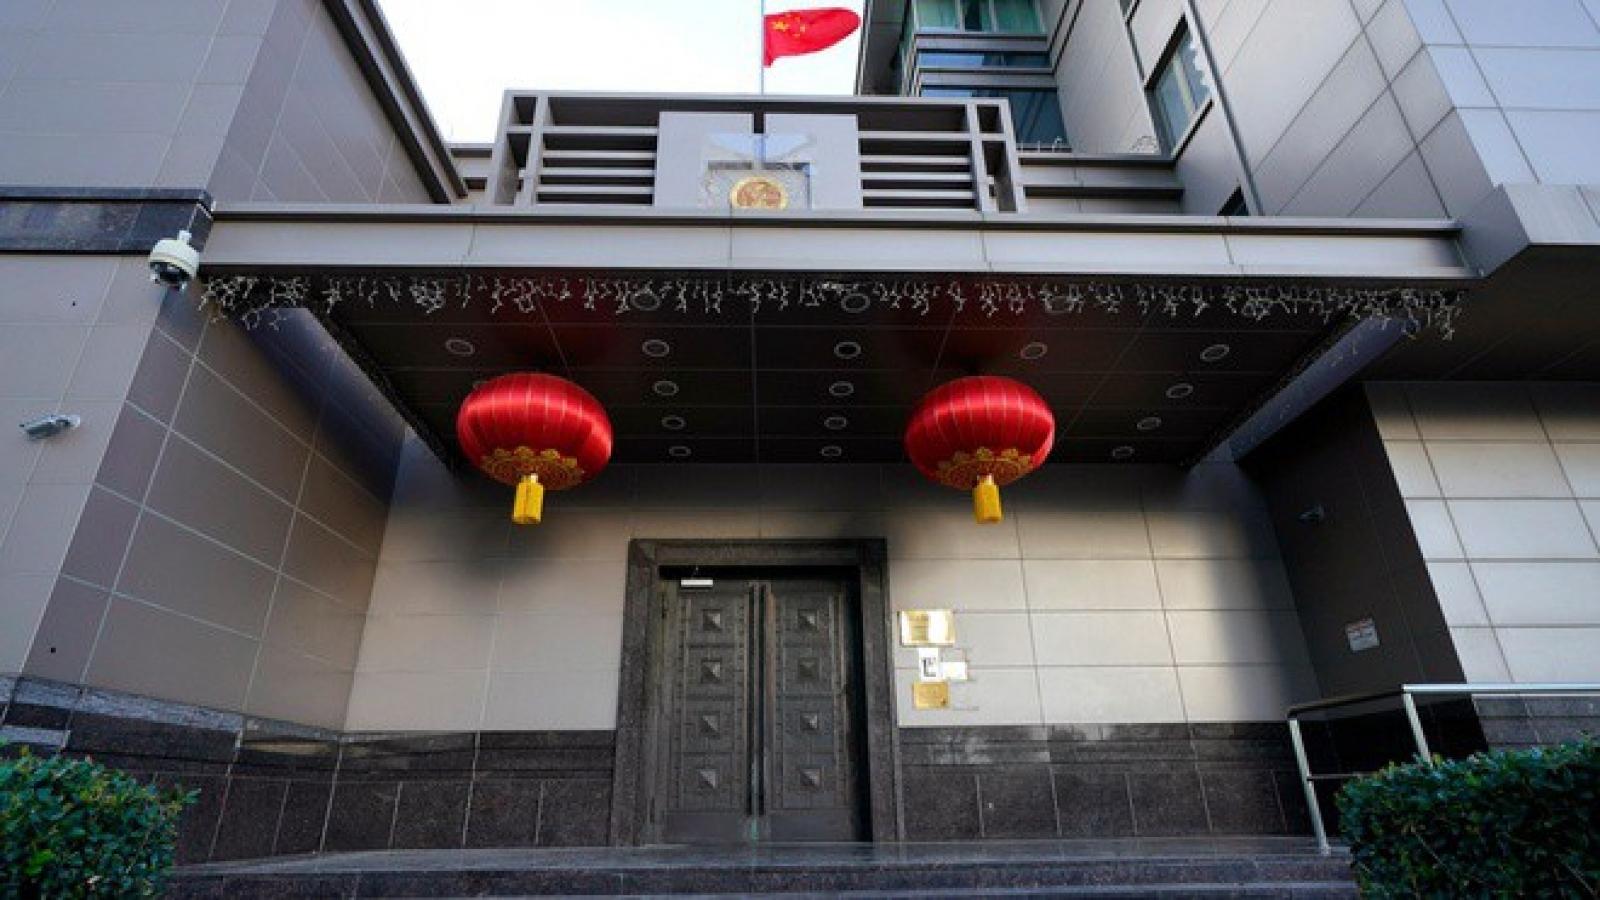 Mỹ chuẩn bị cho các biện pháp trả đũa ngoại giao từ Trung Quốc